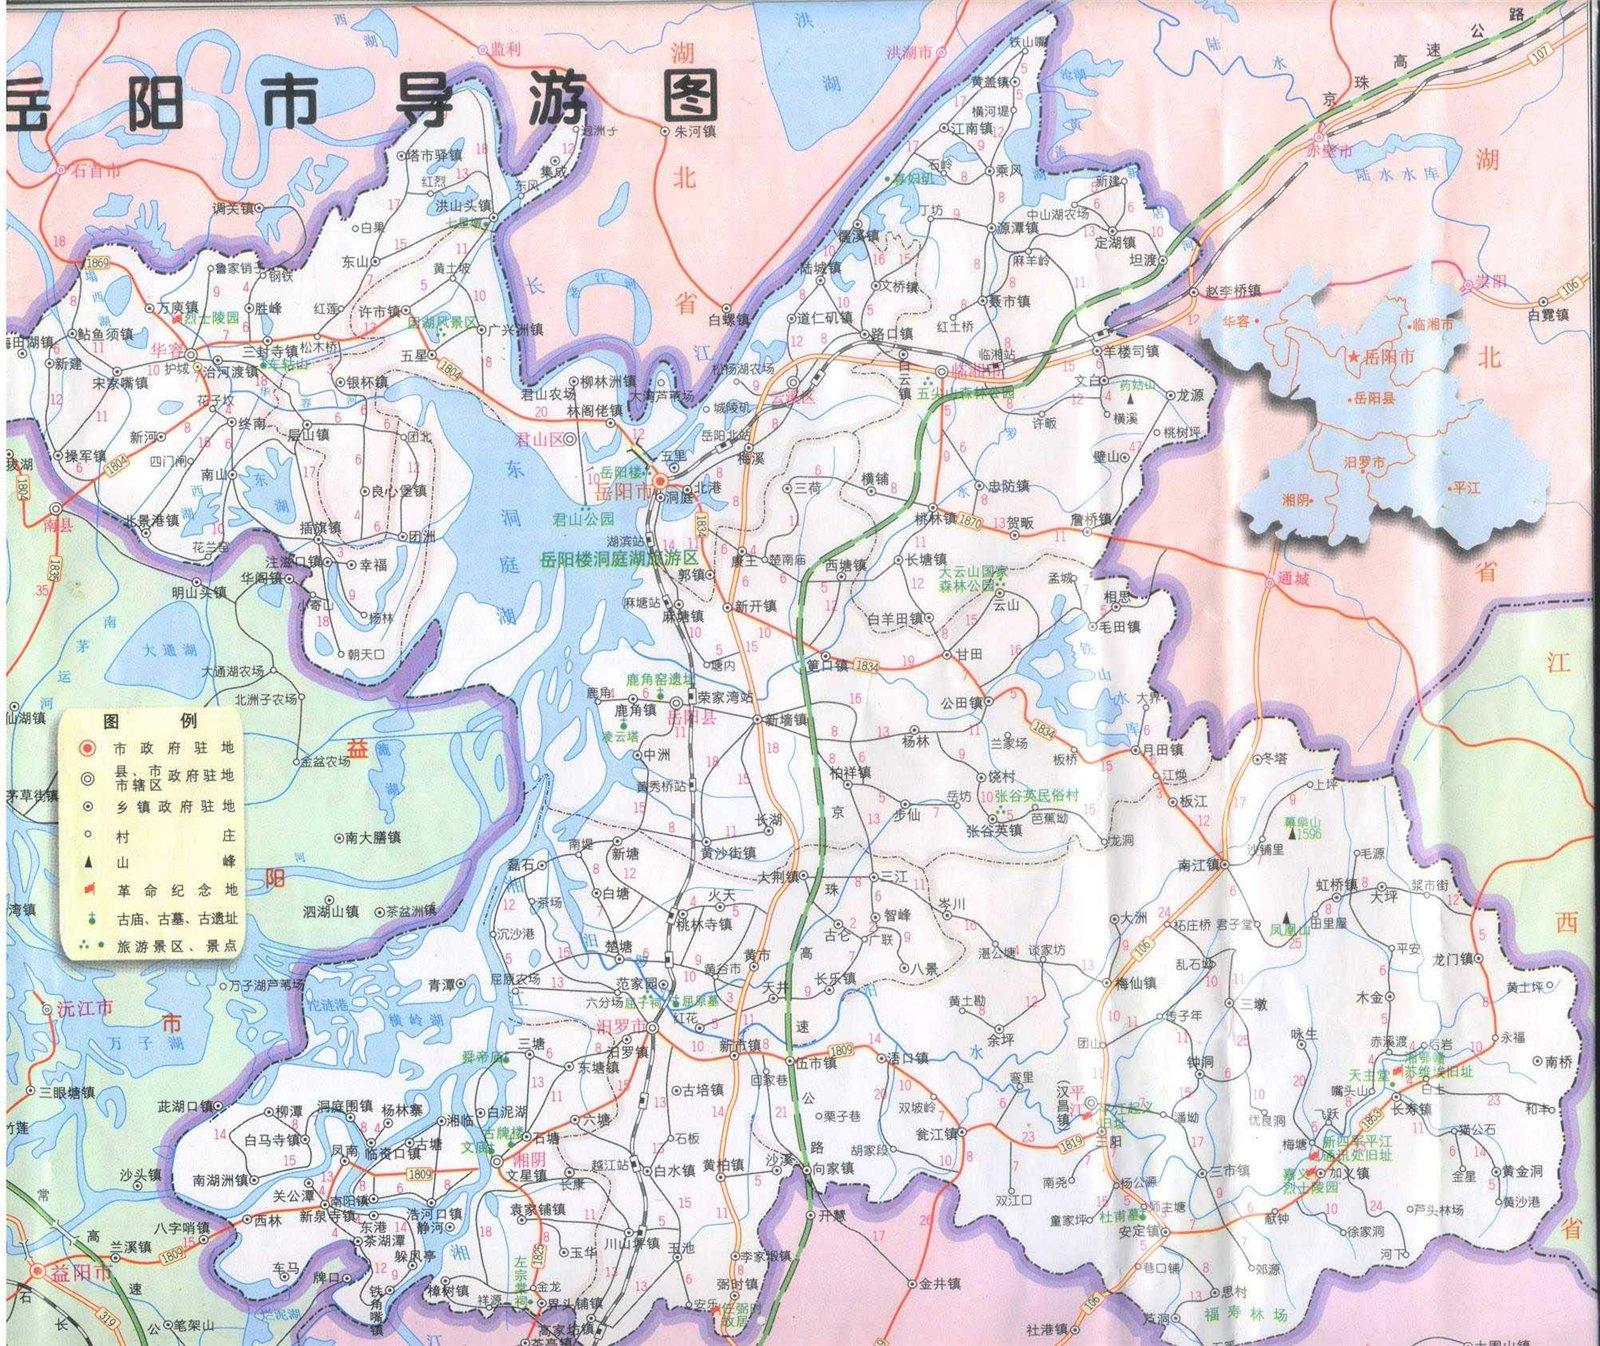 岳阳地区地图